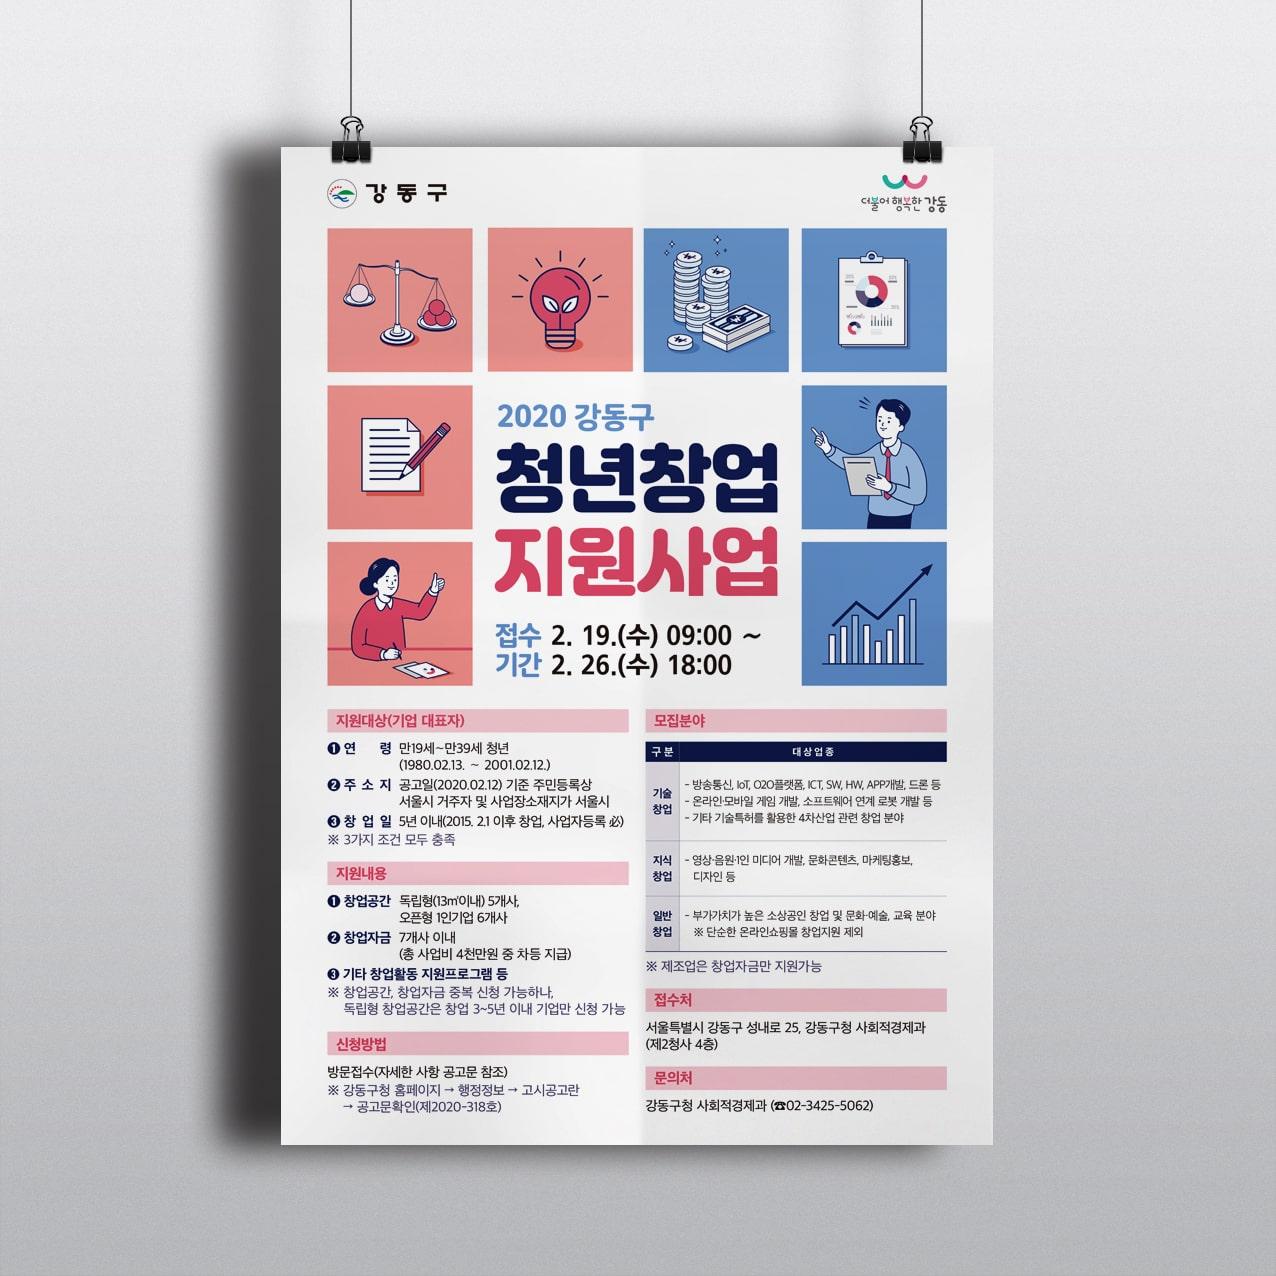 2020 강동구 청년창업 지원사업 포스터 디자인 시안 - 강동구청년해냄센터